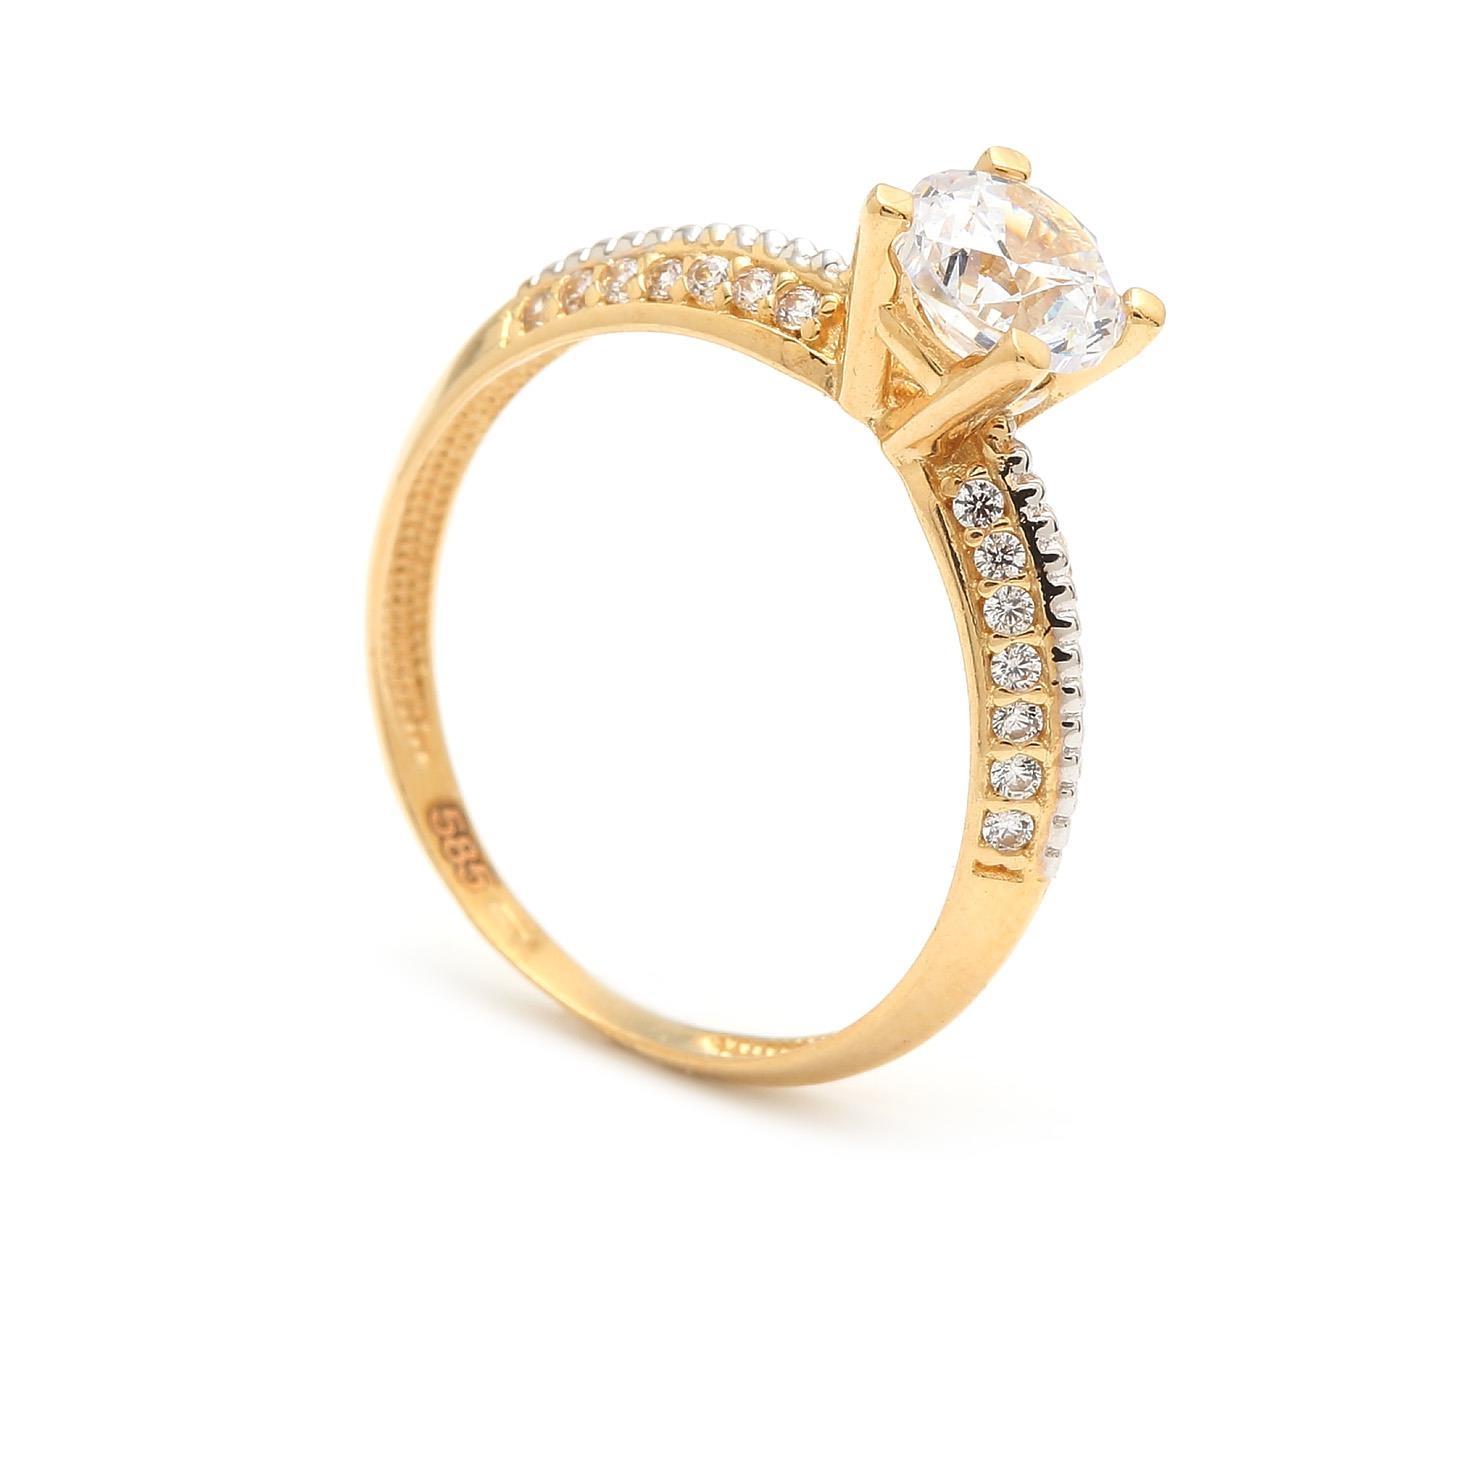 Zásnubný prstienok - prstienok k výročiu svadby - prstienok pri narodení  dieťatka - Zlatý zásnubný prsteň 8c0582eeda3